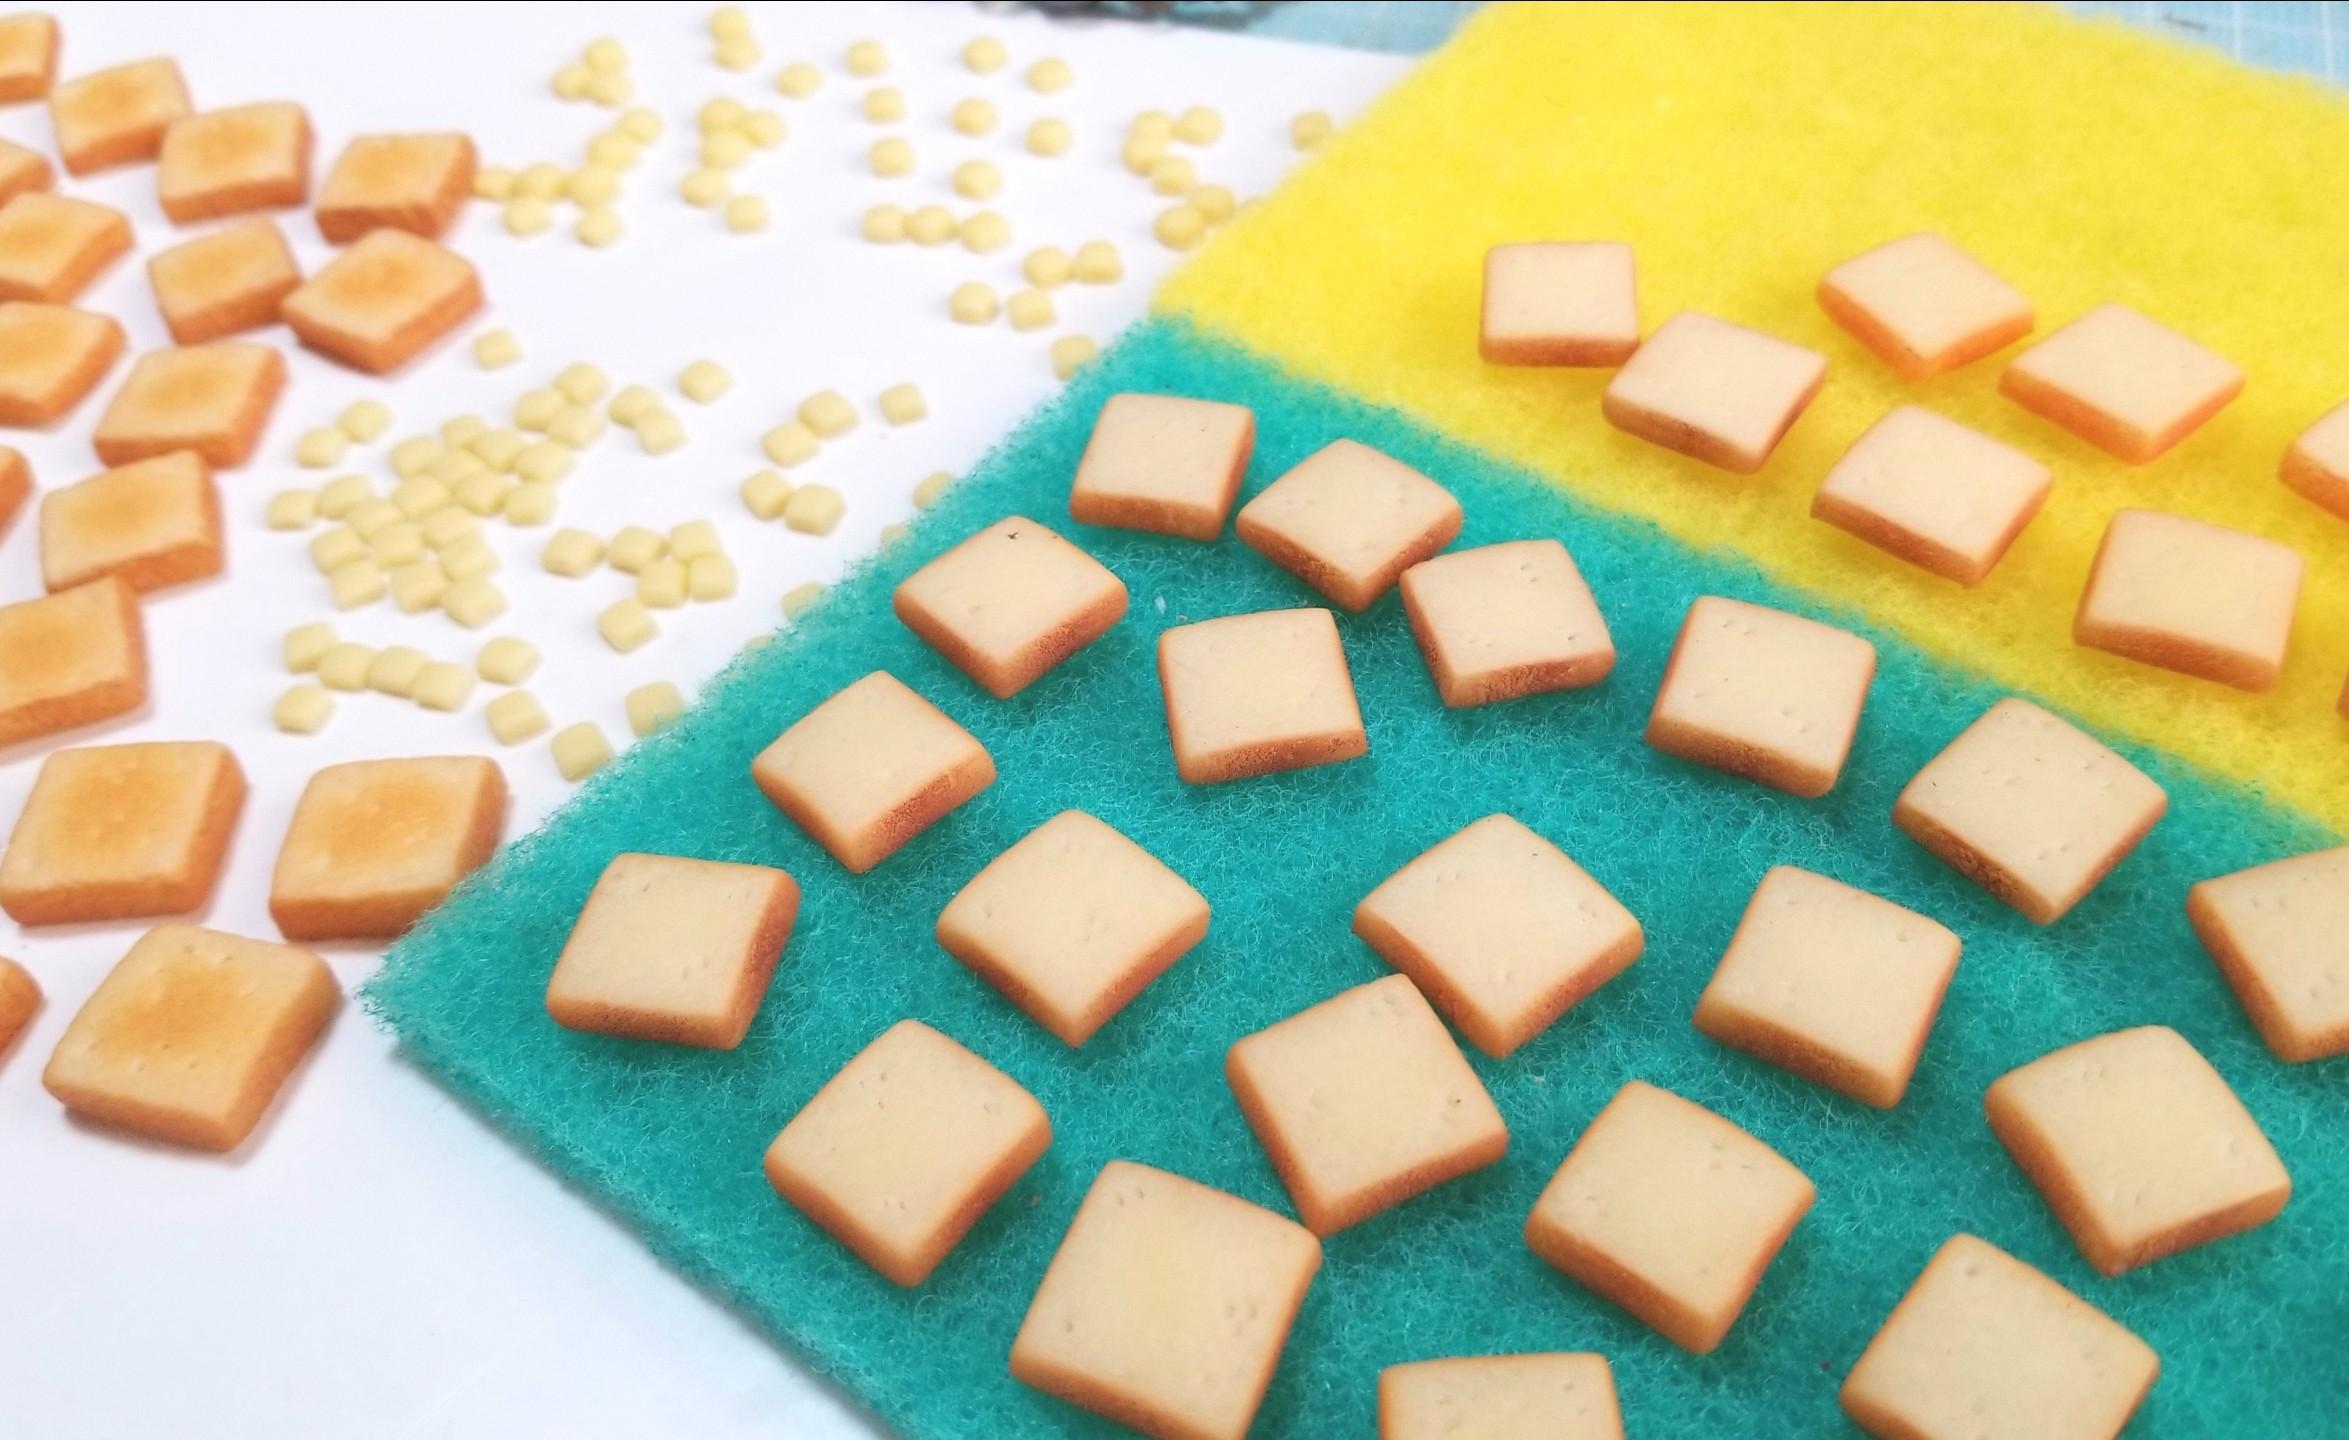 ミニチュア,食パン,トースト,作り方,樹脂粘土,食品サンプル,ドール